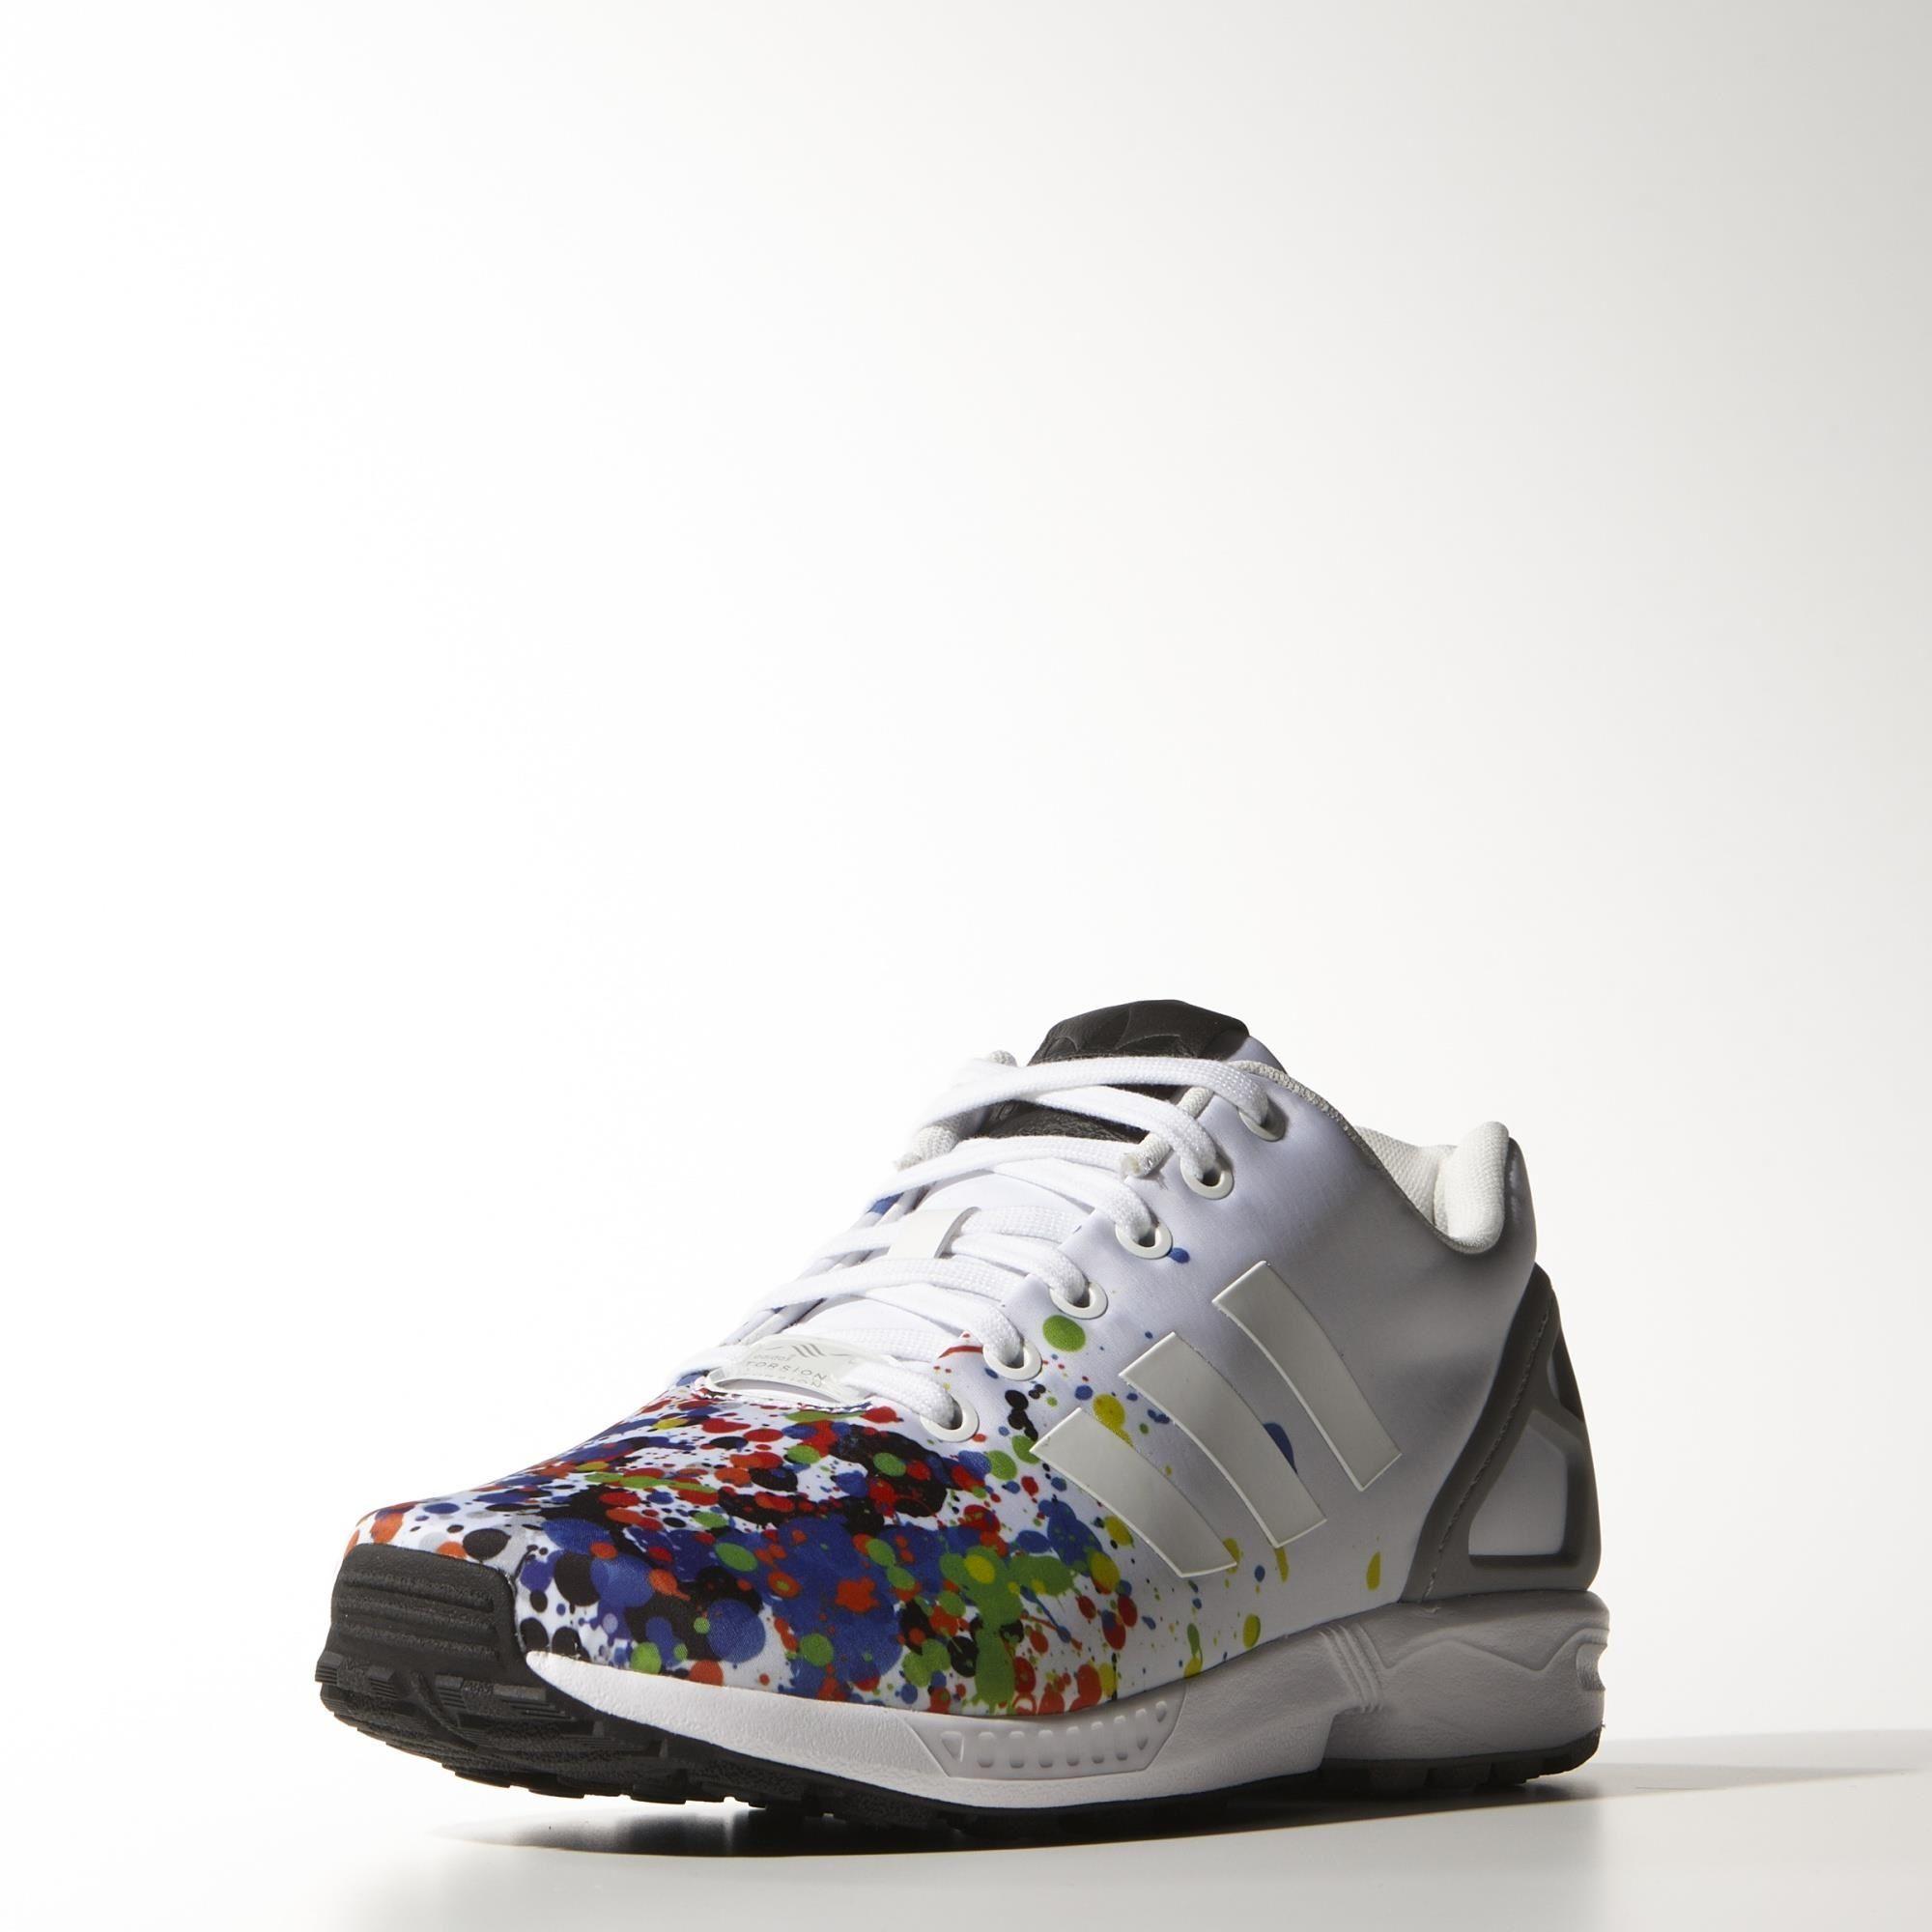 Adidas zx flusso schoenen con adidas nederland scarpe pinterest